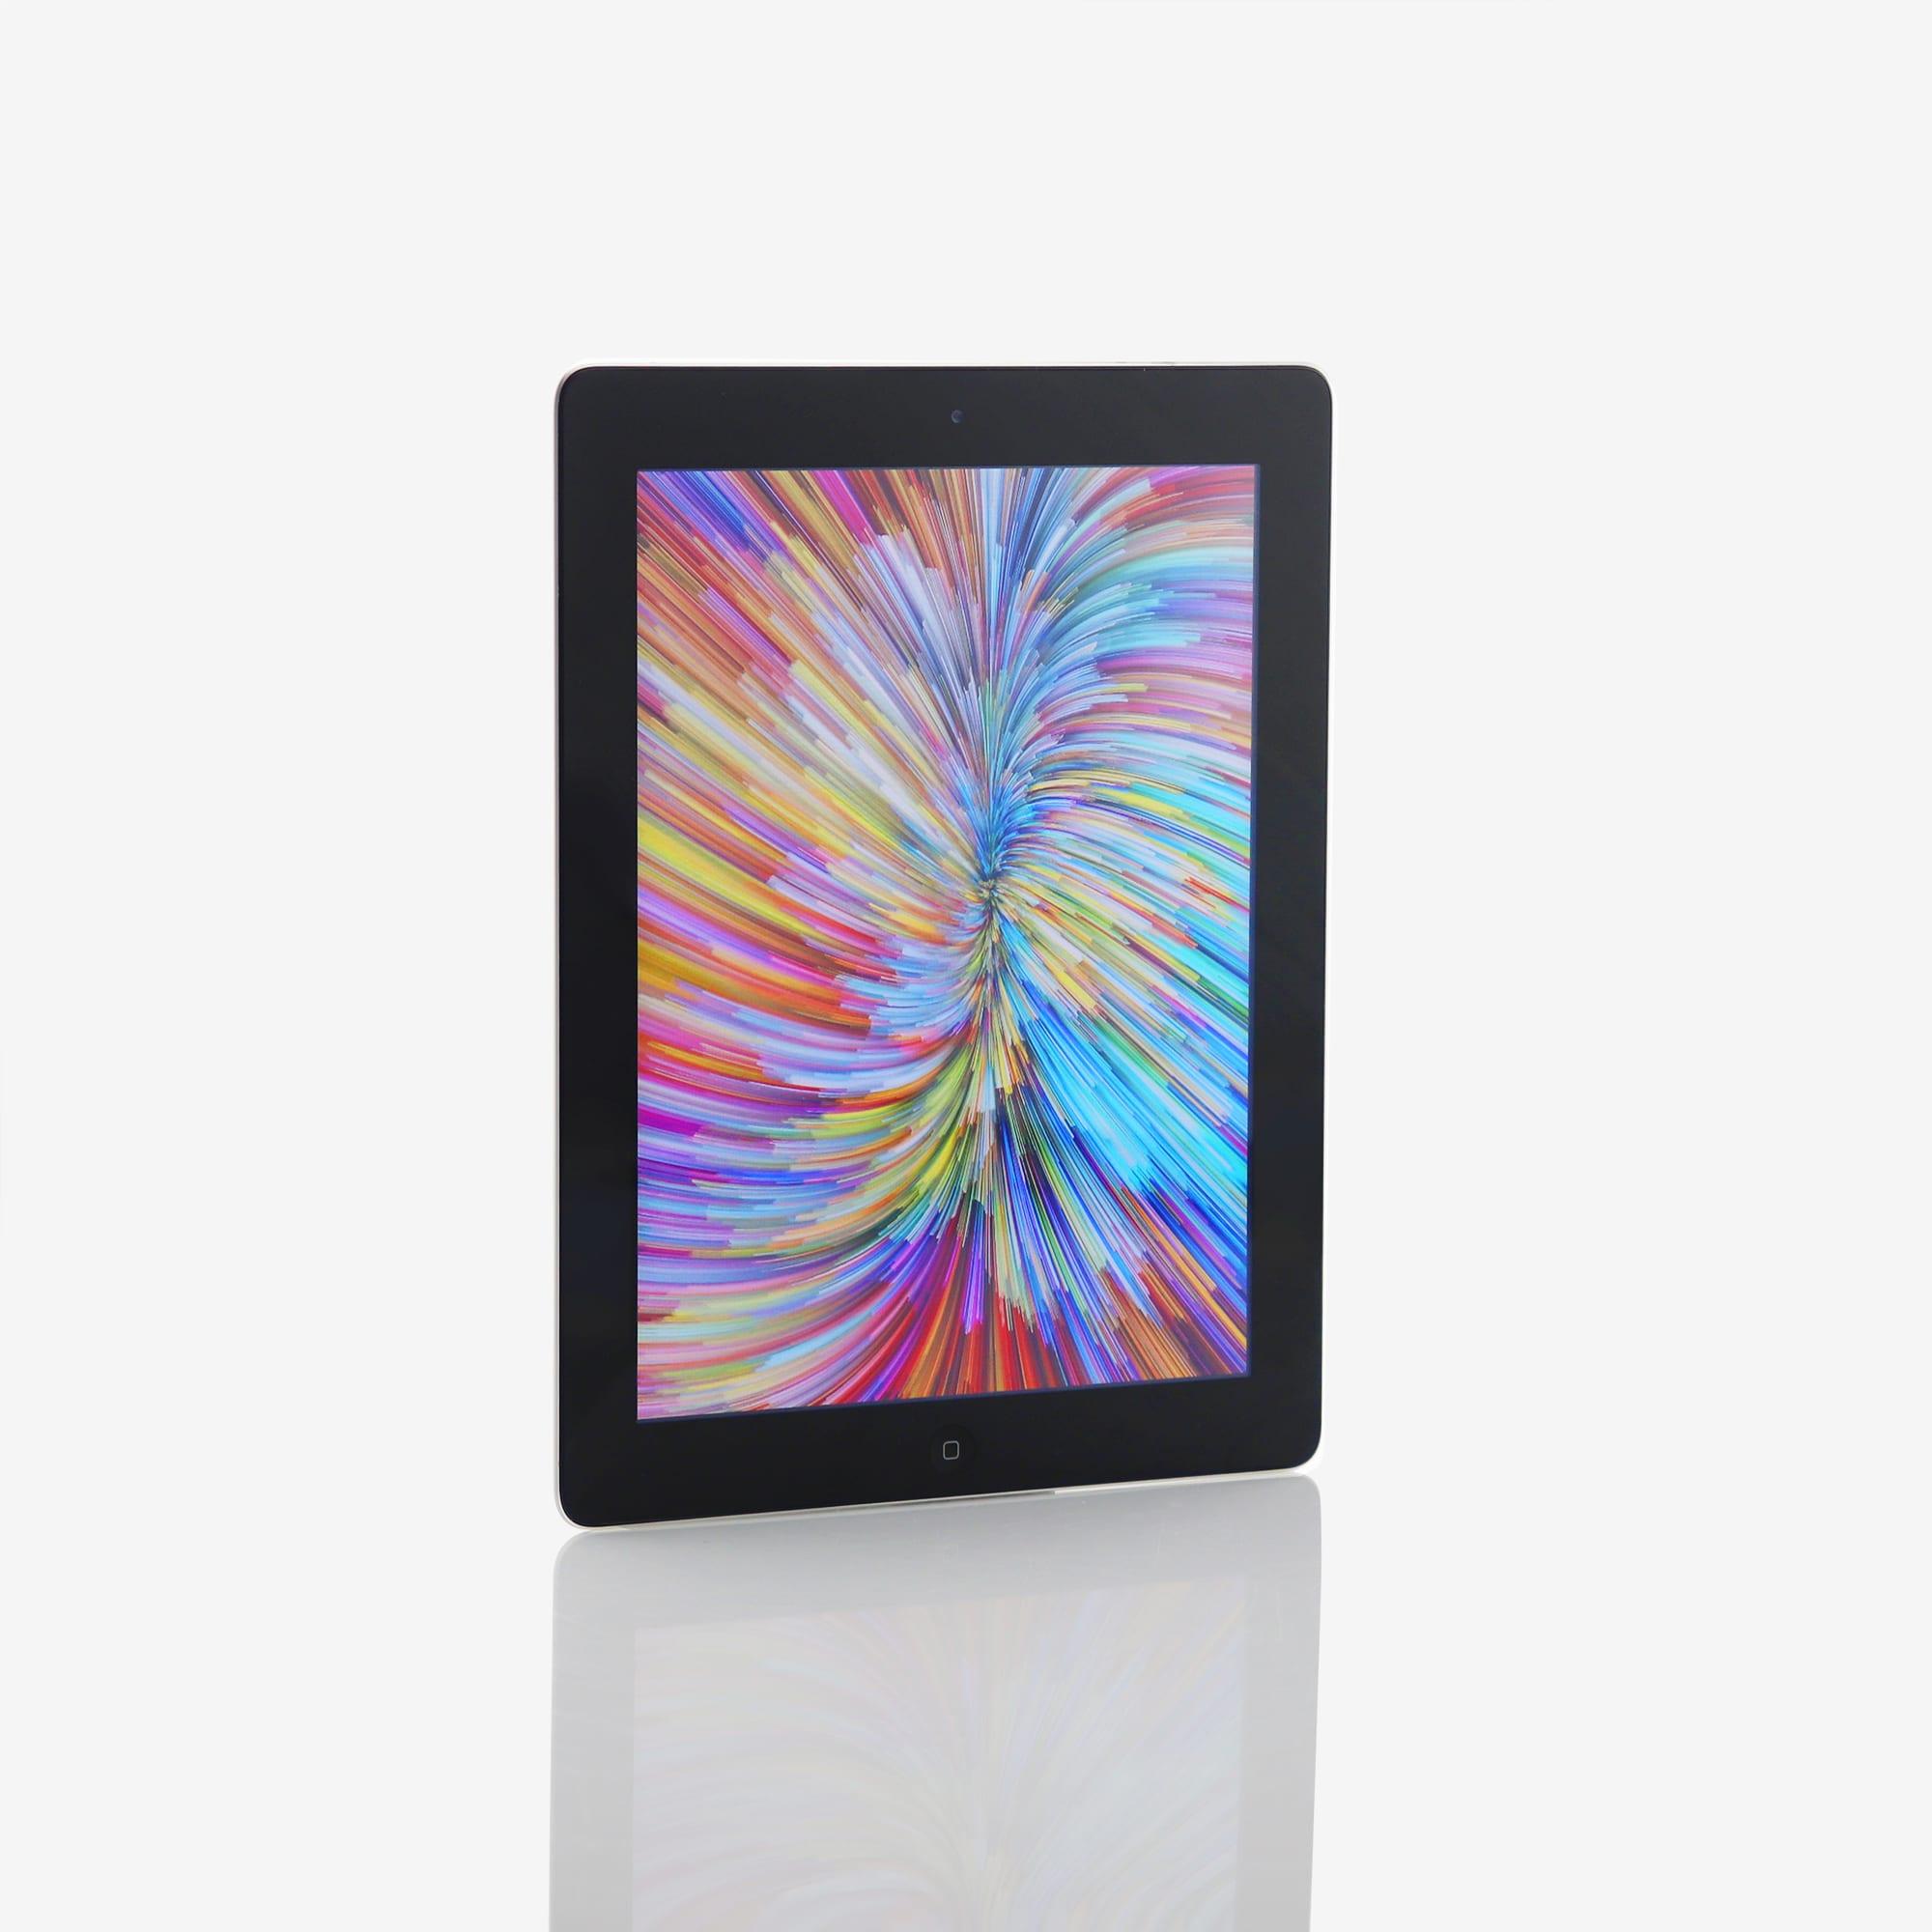 1 x iPad 2 (Wi-Fi) Black